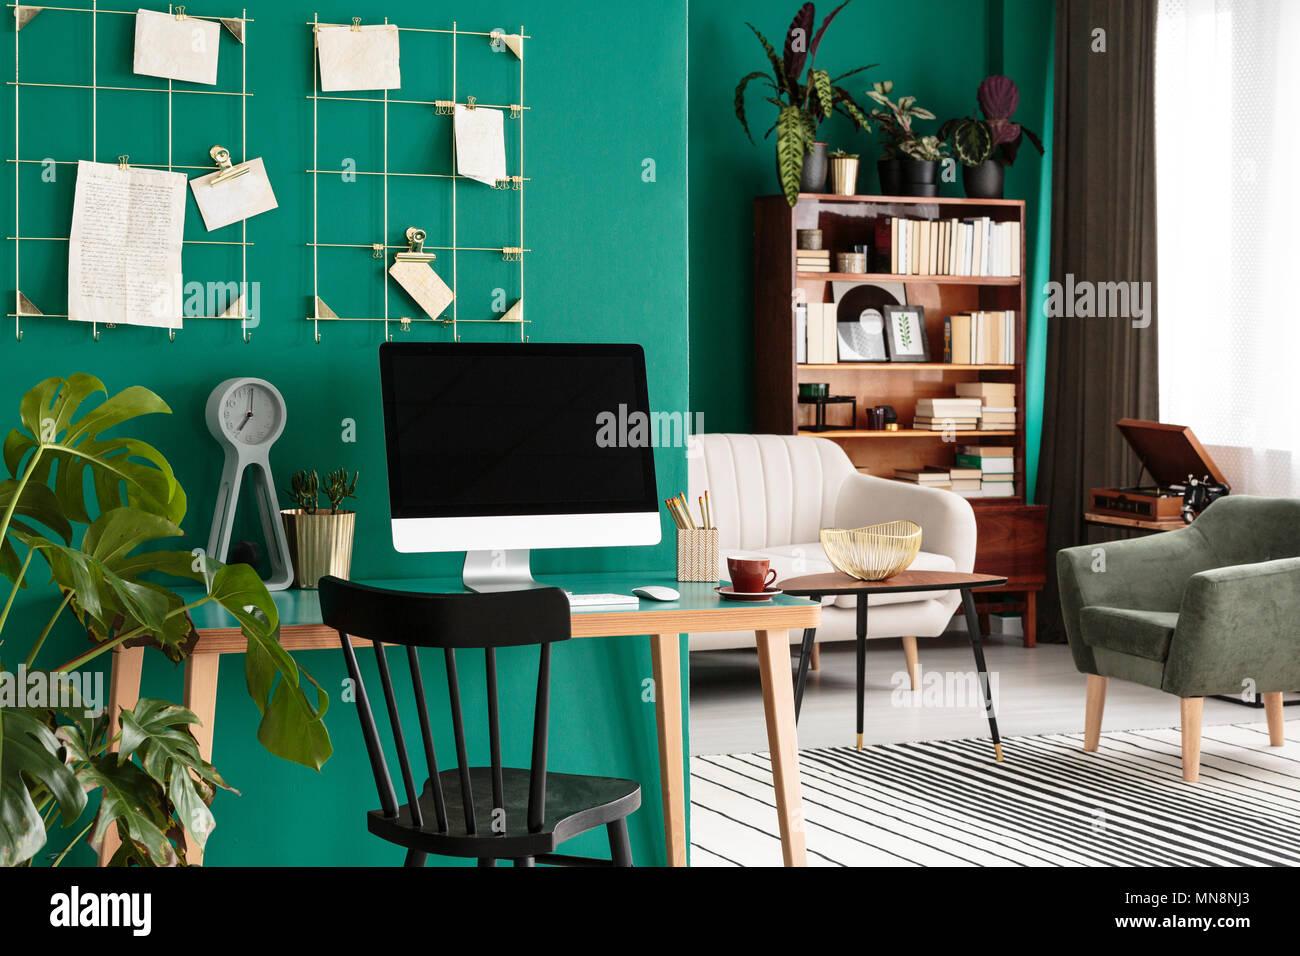 Neben einem hölzernen Stuhl mit Desktop Computer in grün Arbeitsbereich innen im offenen Wohnzimmer Stockbild